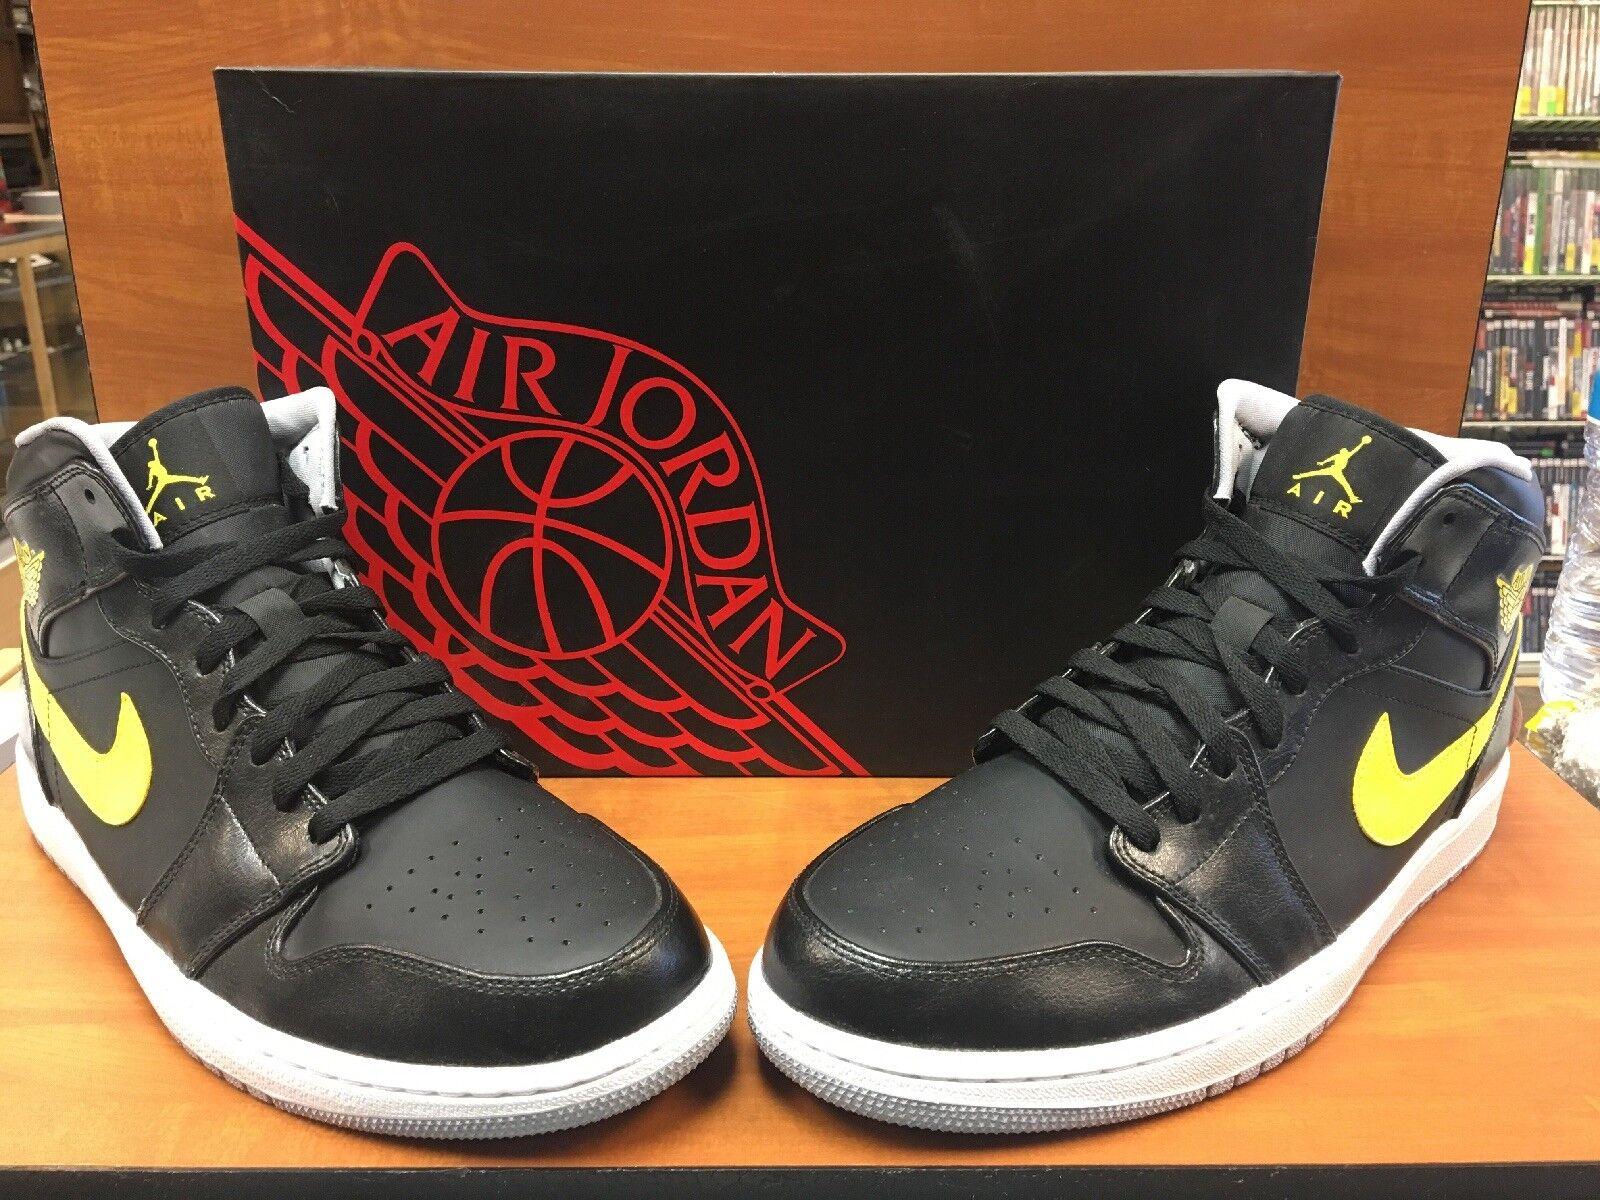 New Nike Air Air Air Jordan One 1 Retro Mid Black Vibrant Yellow 554724-070 Size 12.5 7a8d05